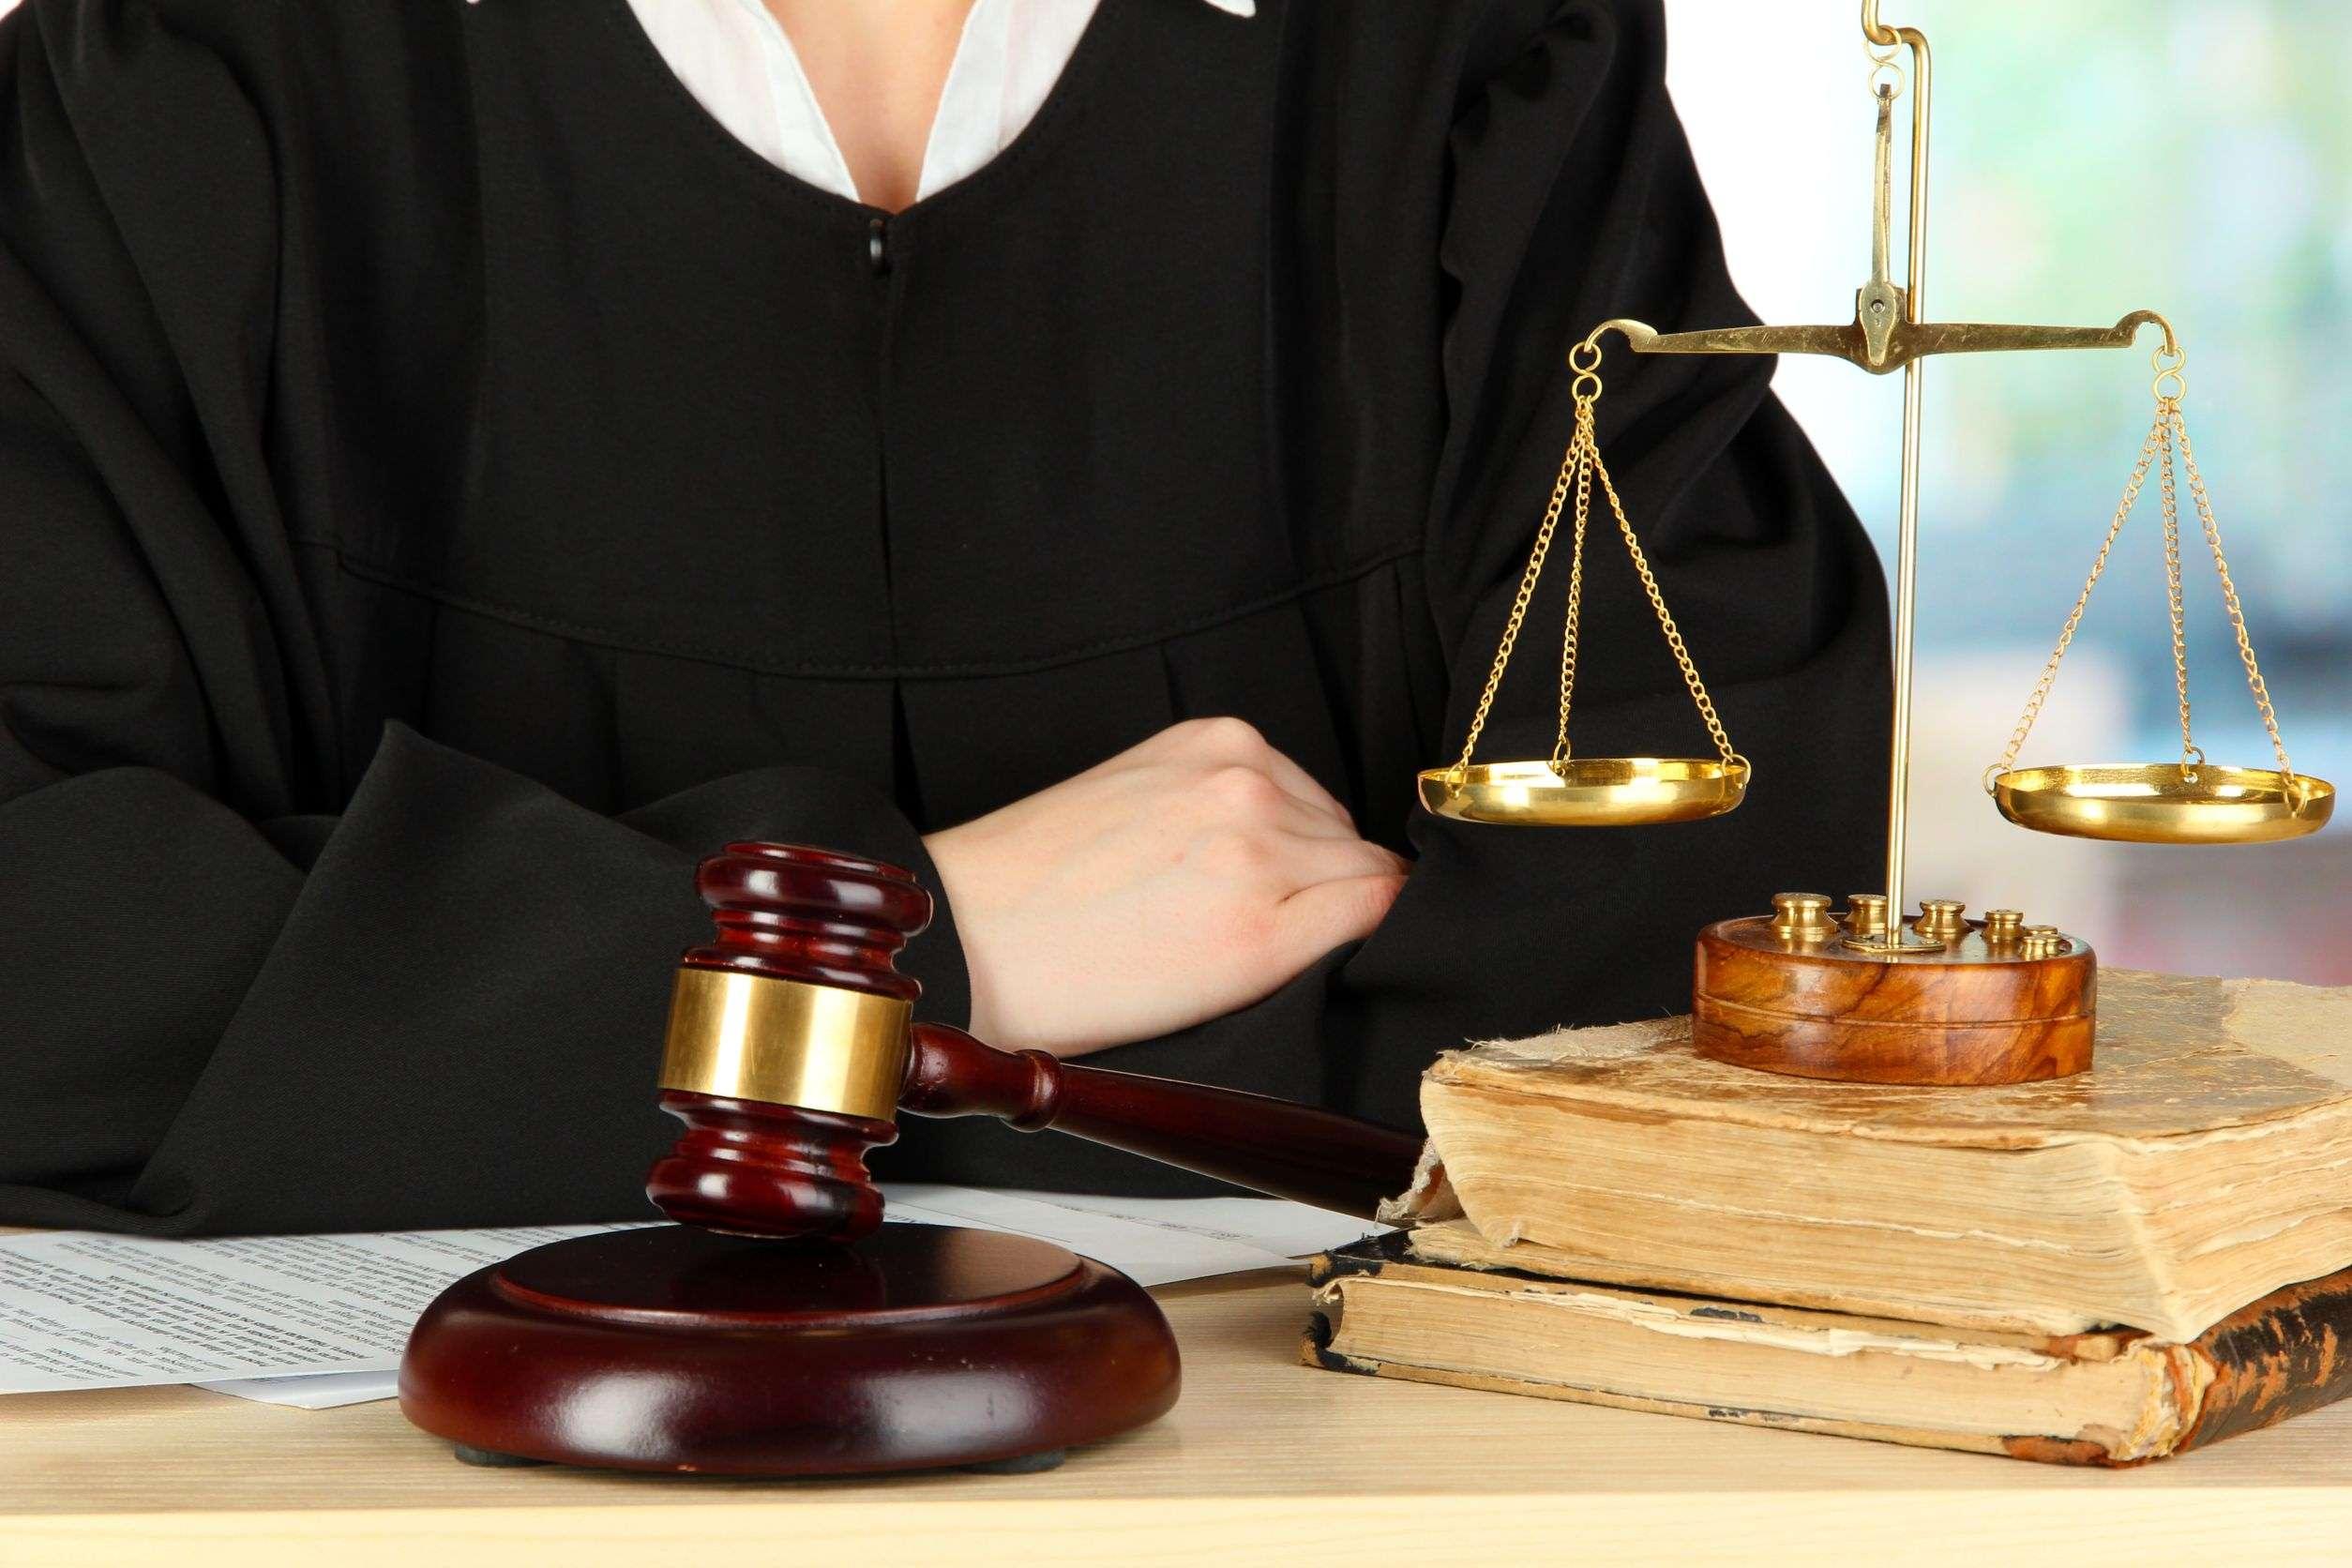 Luật gia với Luật sư khác nhau như thế nào?